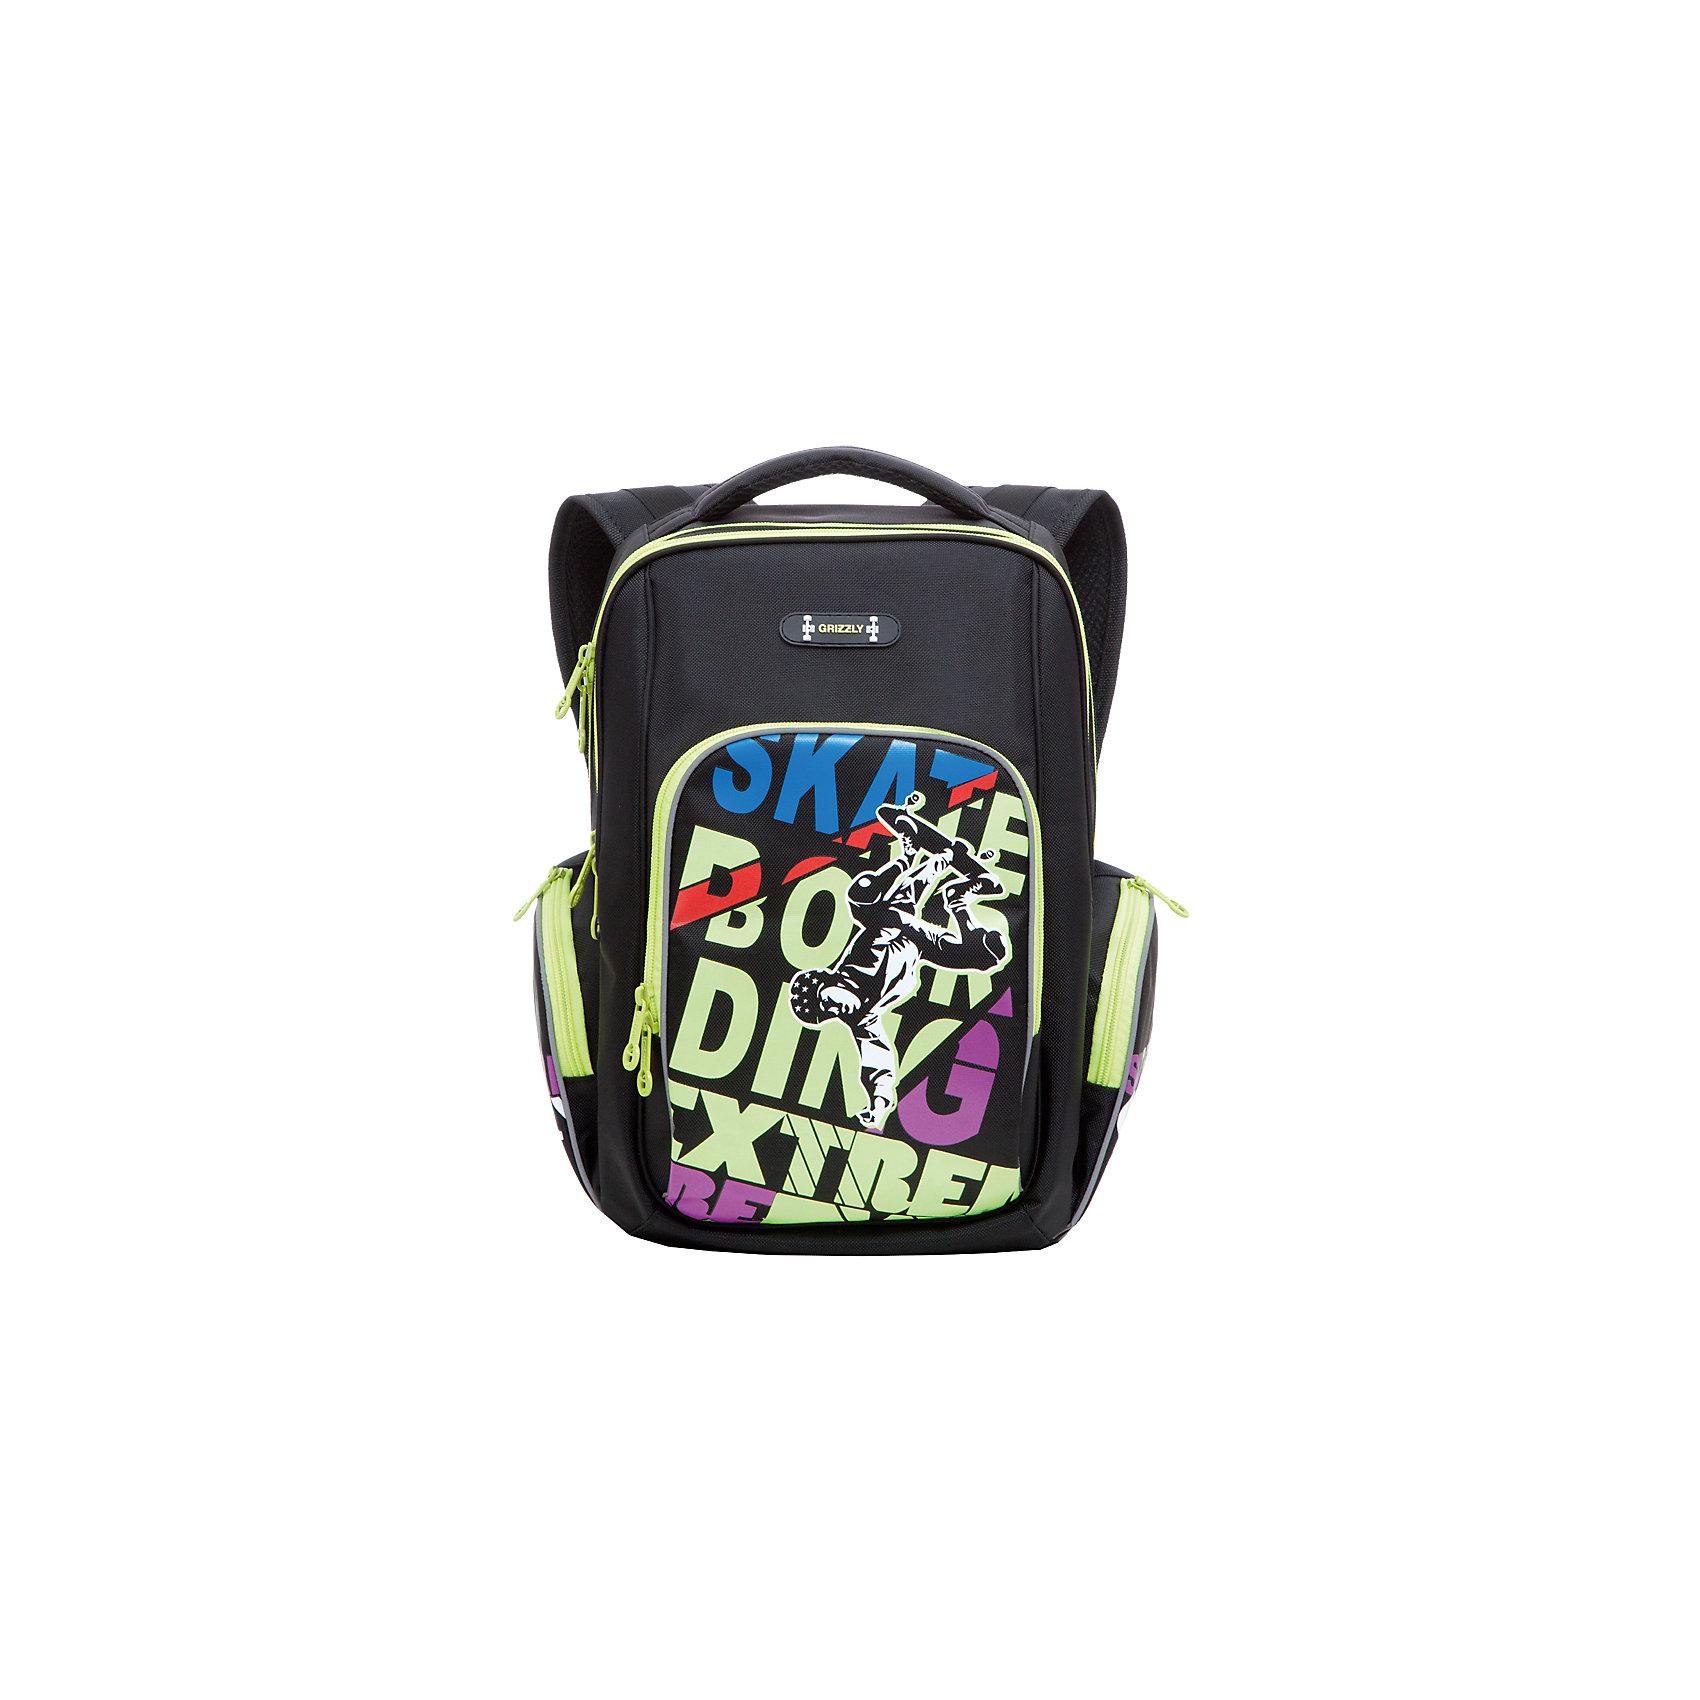 Школьный рюкзак, черно-салатовыйШкольный рюкзак, черно-салатовый, Grizzly (Гризли) ? рюкзак отечественного бренда Гризли школьной серии.  Рюкзак  выполнен из нейлона высокого качества, что обеспечивает, с одной стороны, легкий вес, а с другой ? надежность и прочность. Все швы выполнены капроновыми нитками, что делает швы особенно крепкими и устойчивыми к износу даже в течение нескольких лет. <br>Внутреннее устройство рюкзака состоит из двух вместительных отсеков, внутреннего подвесного кармана на молнии и внутреннего кармана. Также имеется откидное дно, что увеличивает устойчивость рюкзака. Объемные карманы на молнии – по бокам и на передней стенке. Удобство и эргономичность рюкзака создается за счет жесткой анатомической спинки, укрепленных лямок и мягкой укрепленной ручки. С четырех сторон рюкзака имеются светоотражающие элементы. Уникальность рюкзаков Grizzly заключается в том, что анатомическая спинка изготовлена из специальной ткани, которая пропускает воздух, тем самым защищает спину от повышенного потоотделения.<br>Все рюкзаки школьной серии Grizzly (Гризли) имеют оригинальный современный дизайн. Школьный рюкзак, черно-салатовый, Grizzly (Гризли) выполнен в черном цвете с яркими элементами. Передний карман украшен большой яркой аппликацией в форме разноцветных букв и фигуры скейтбордиста.<br>Школьный рюкзак, черно-салатовый, Grizzly (Гризли) ? это качество материалов, удобство, стиль и долговечность использования. <br><br>Дополнительная информация:<br><br>- Вес: 763 г<br>- Габариты (Д*Г*В): 26*19*35 см<br>- Цвет: черно-салатовый<br>- Материал: полиэстер <br>- Сезон: круглый год<br>- Коллекция: школьная <br>- Год коллекции: 2016 <br>- Пол: мужской<br>- Предназначение: для школы<br>- Особенности ухода: можно чистить влажной щеткой или губкой, допускается ручная стирка<br><br>Подробнее:<br><br>• Для школьников в возрасте: от 6 лет и до 10 лет<br>• Страна производитель: Россия<br>• Торговый бренд: Grizzly<br><br>Школьный рюкзак, черно-салатовый, Grizzly (Гризли) 